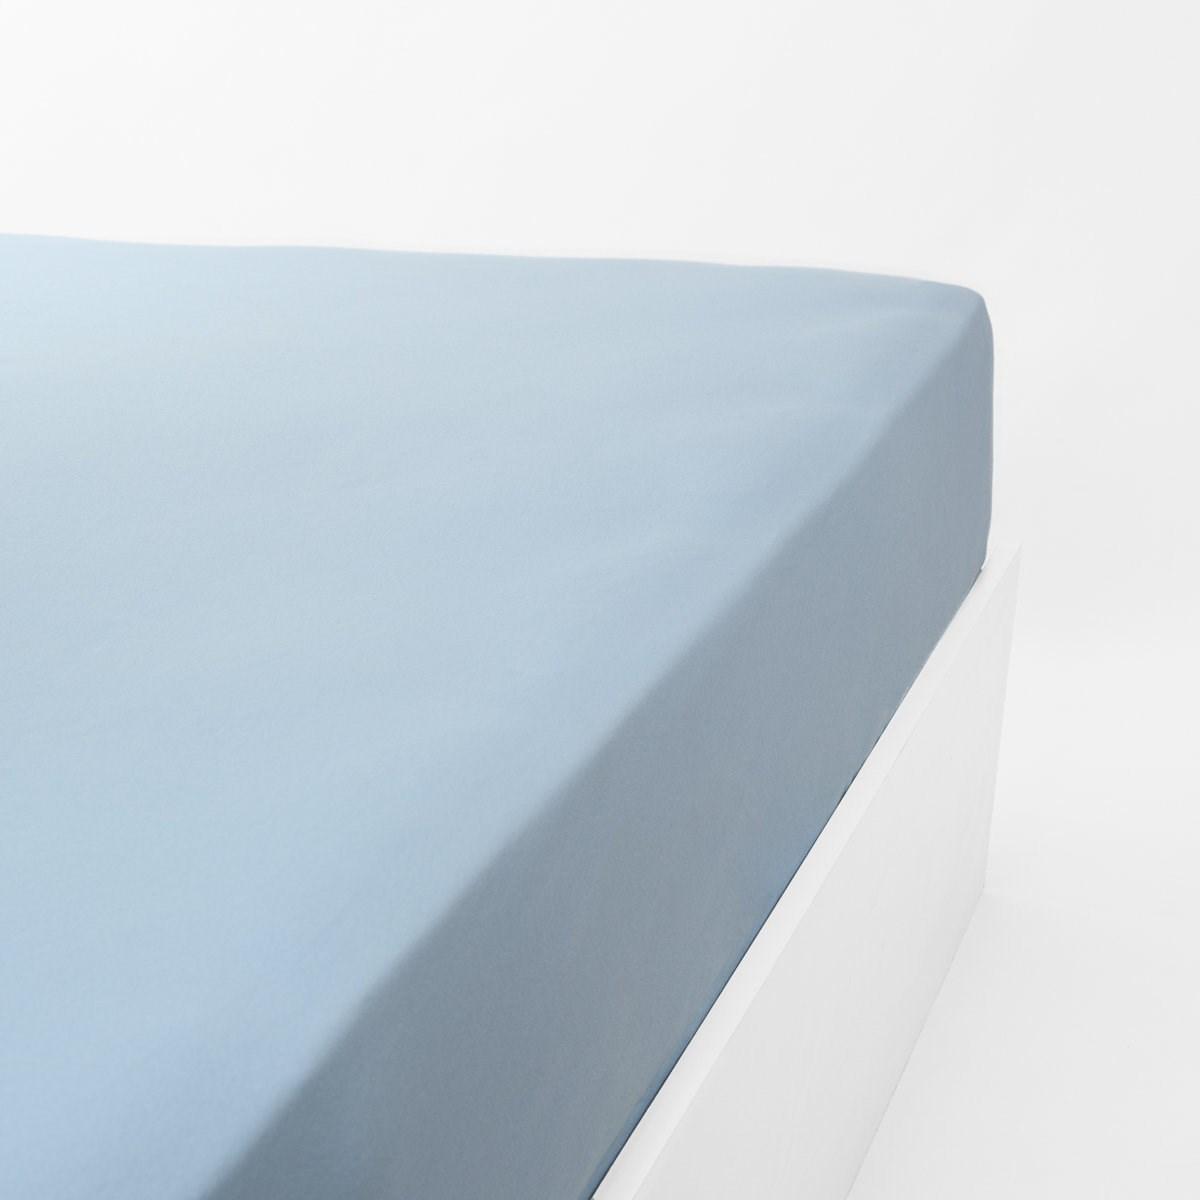 Drap housse jersey extensible en coton bleu clair 80x190 cm